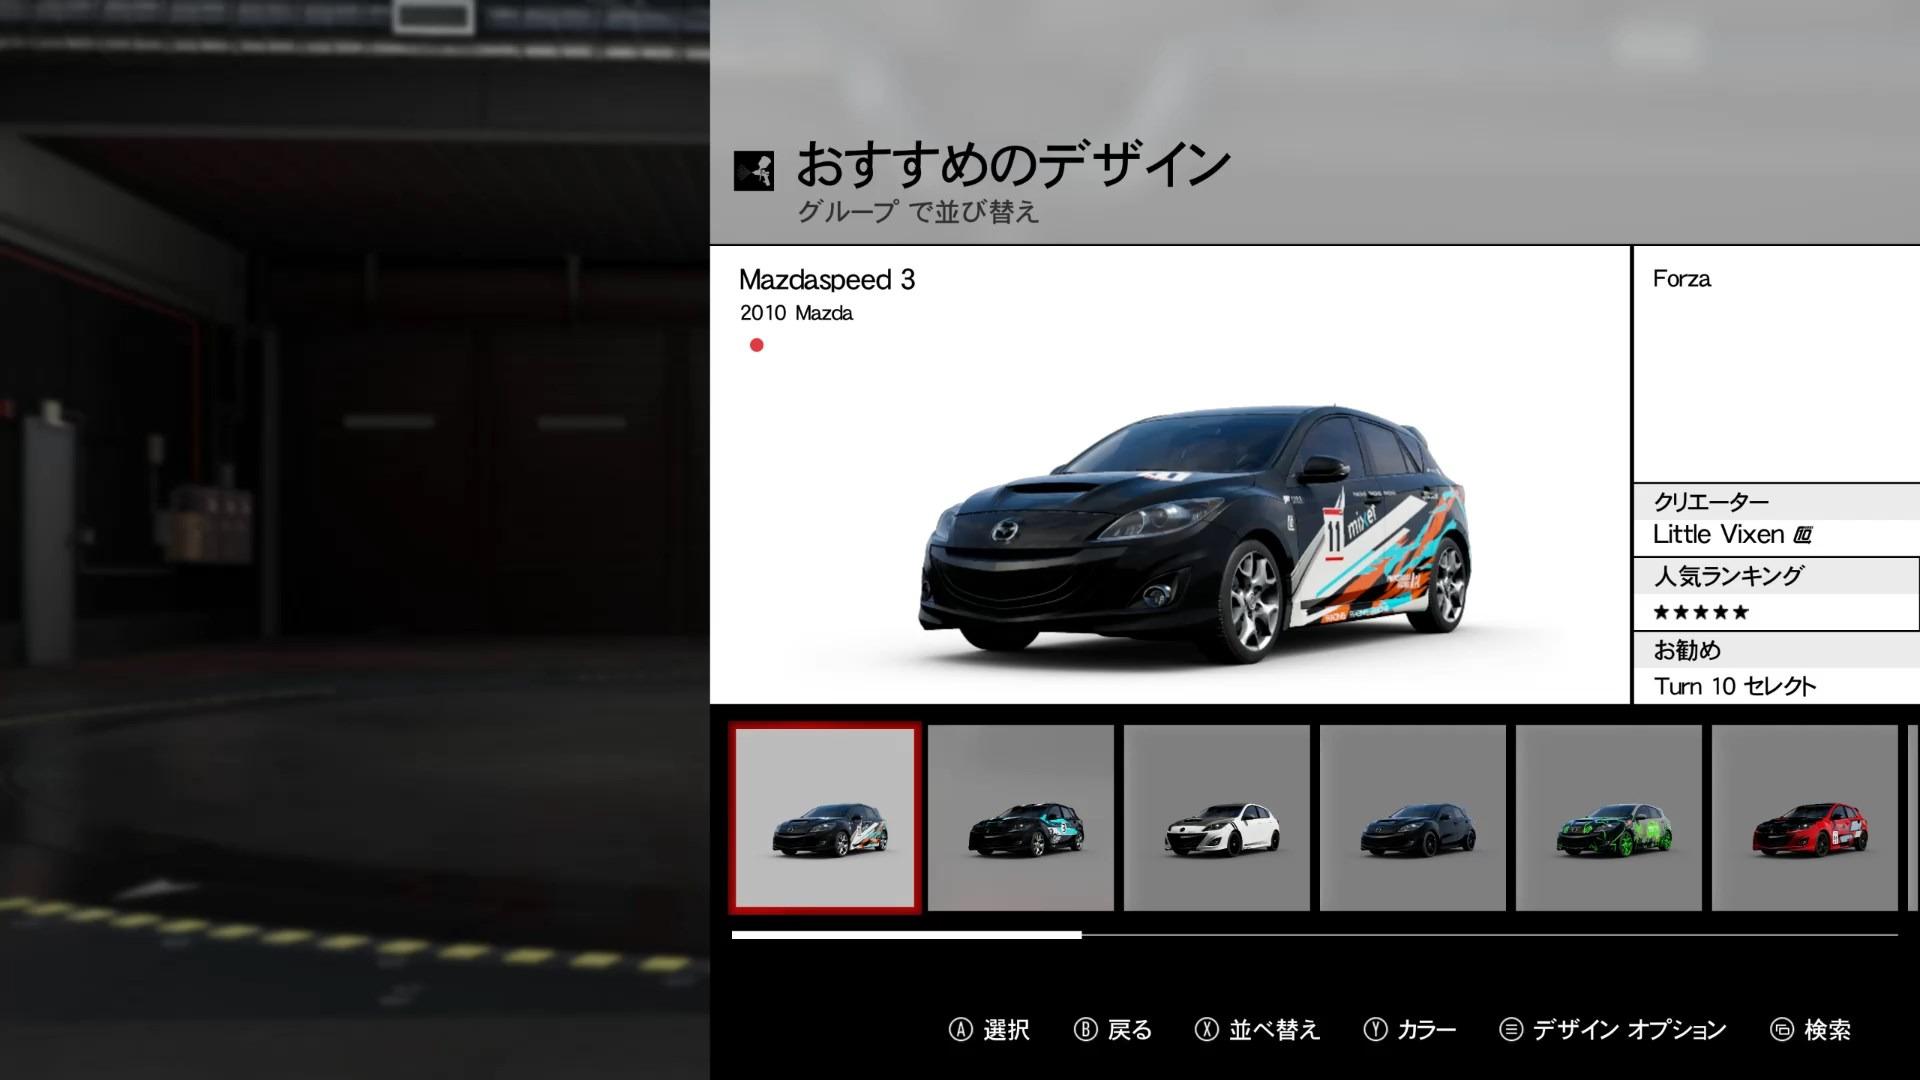 各車ともユーザー制作を含む様々なデザインを利用することが可能だ